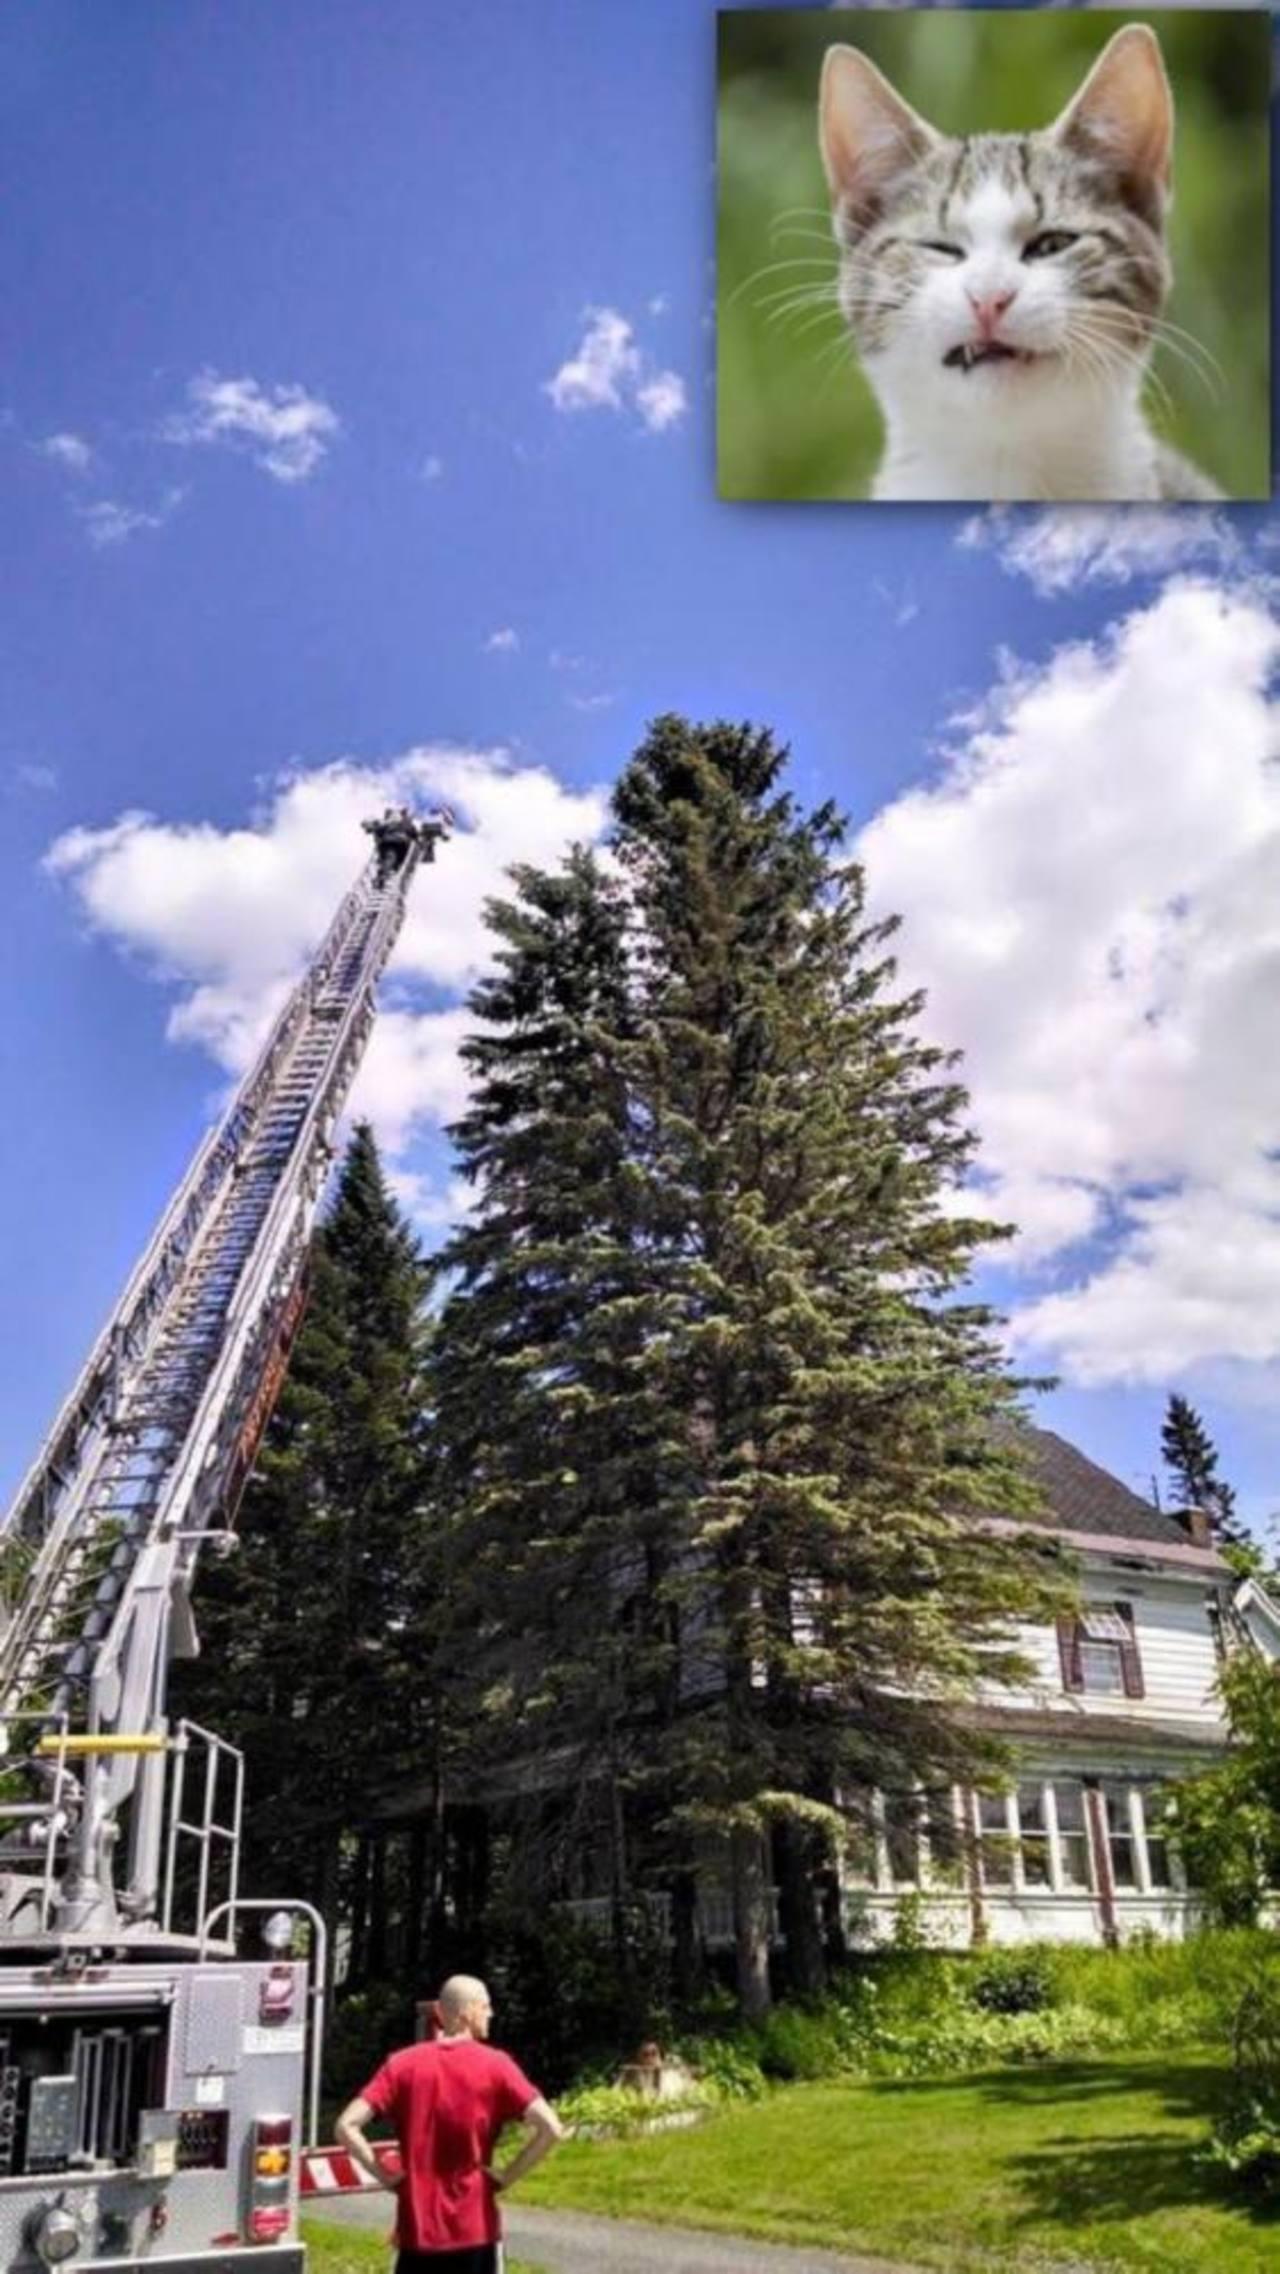 Sube a árbol de 22 metros para rescatar gato y luego no puede bajar